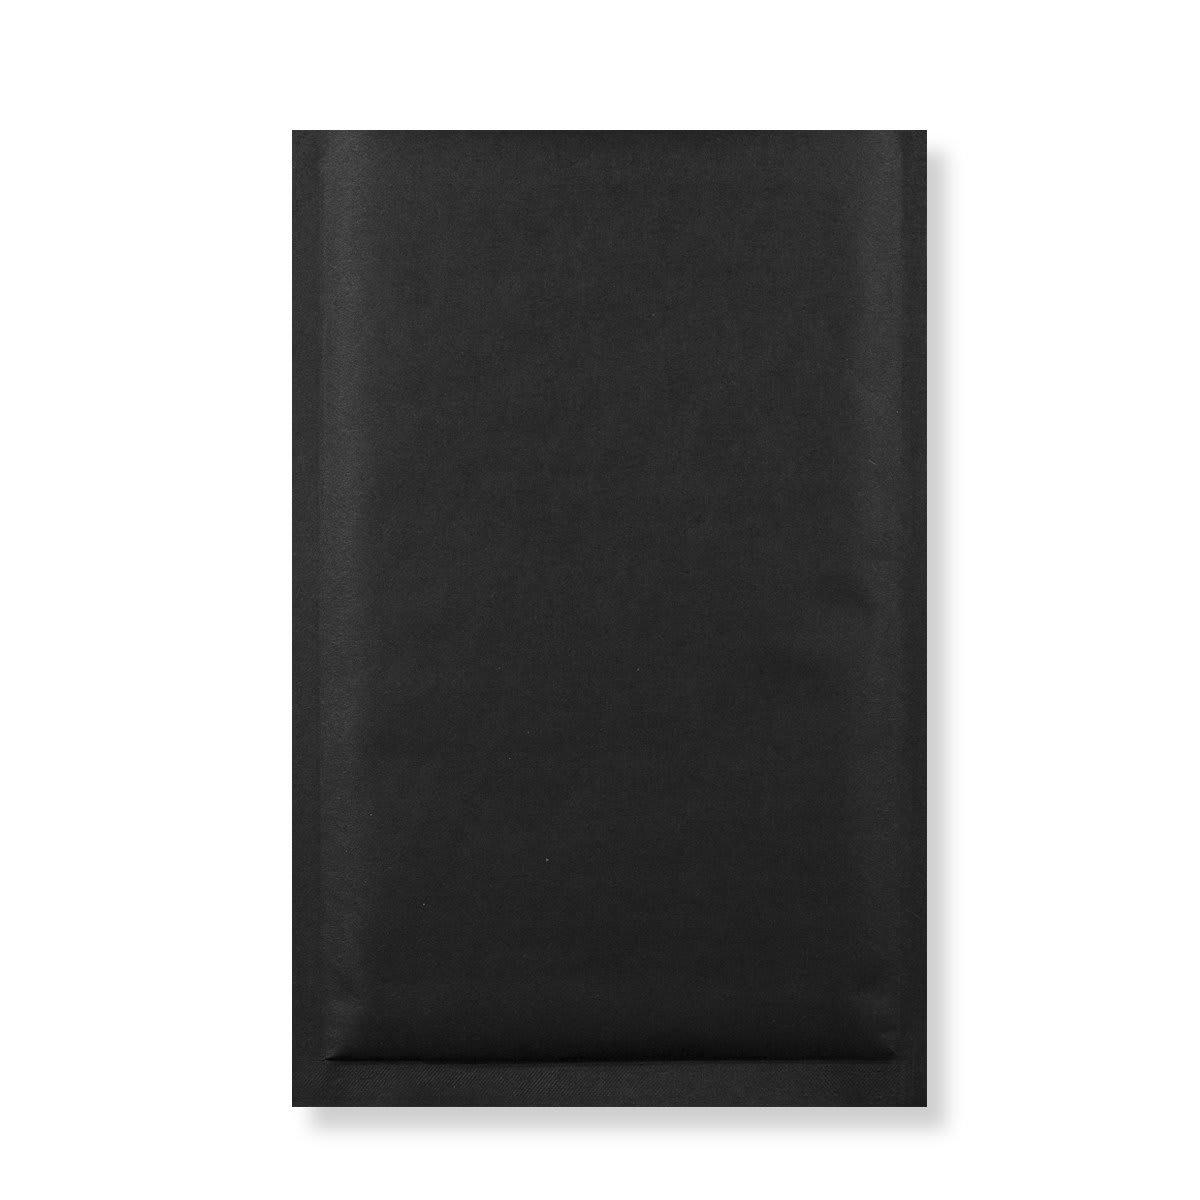 350 x 250MM BLACK PADDED BUBBLE ENVELOPES